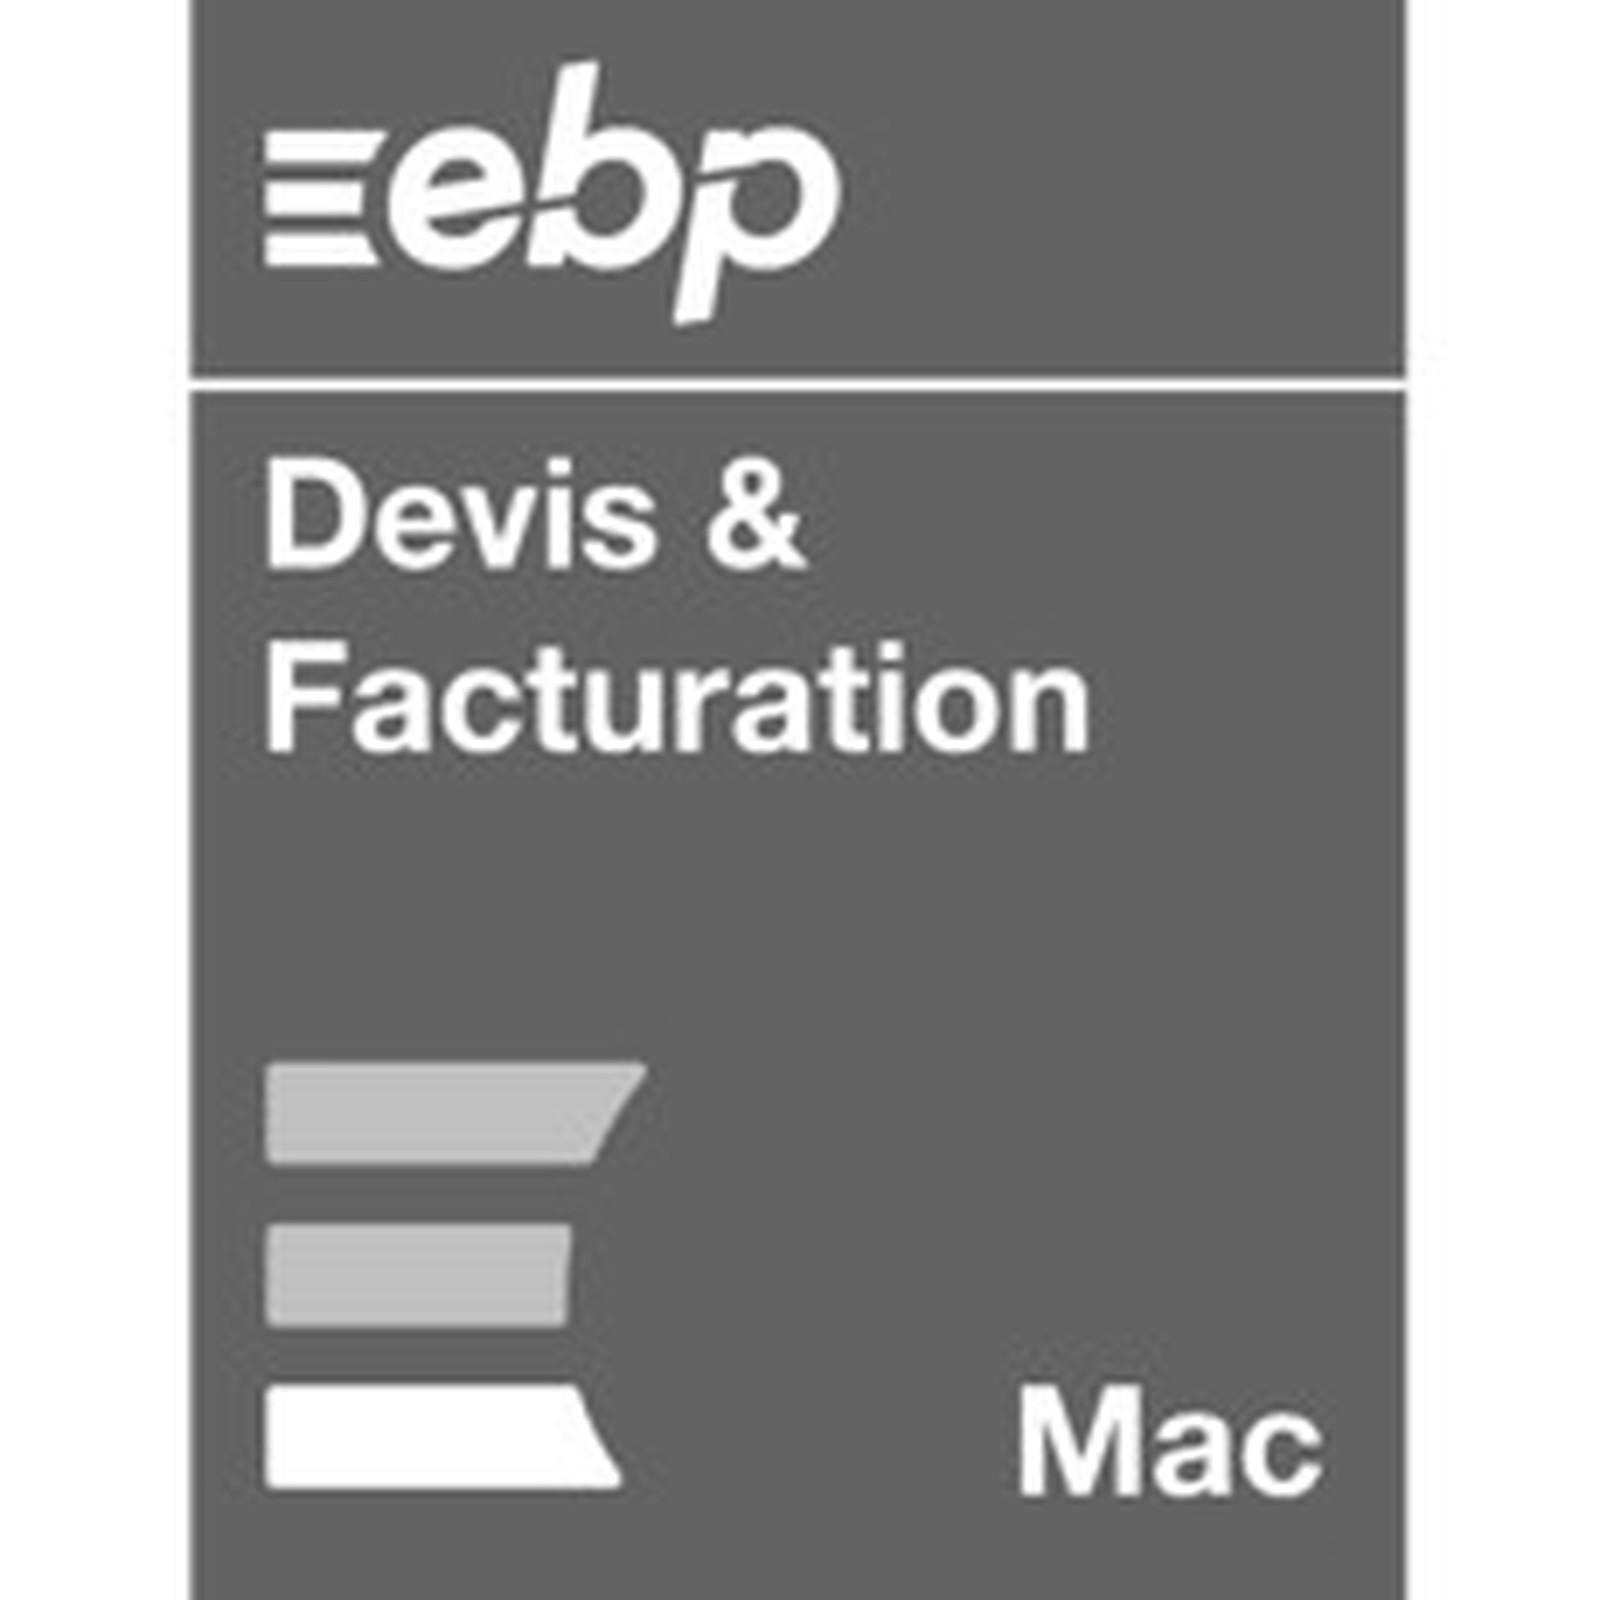 EBP ET CLASSIC 2013 TÉLÉCHARGER DEVIS FACTURATION BTIMENT